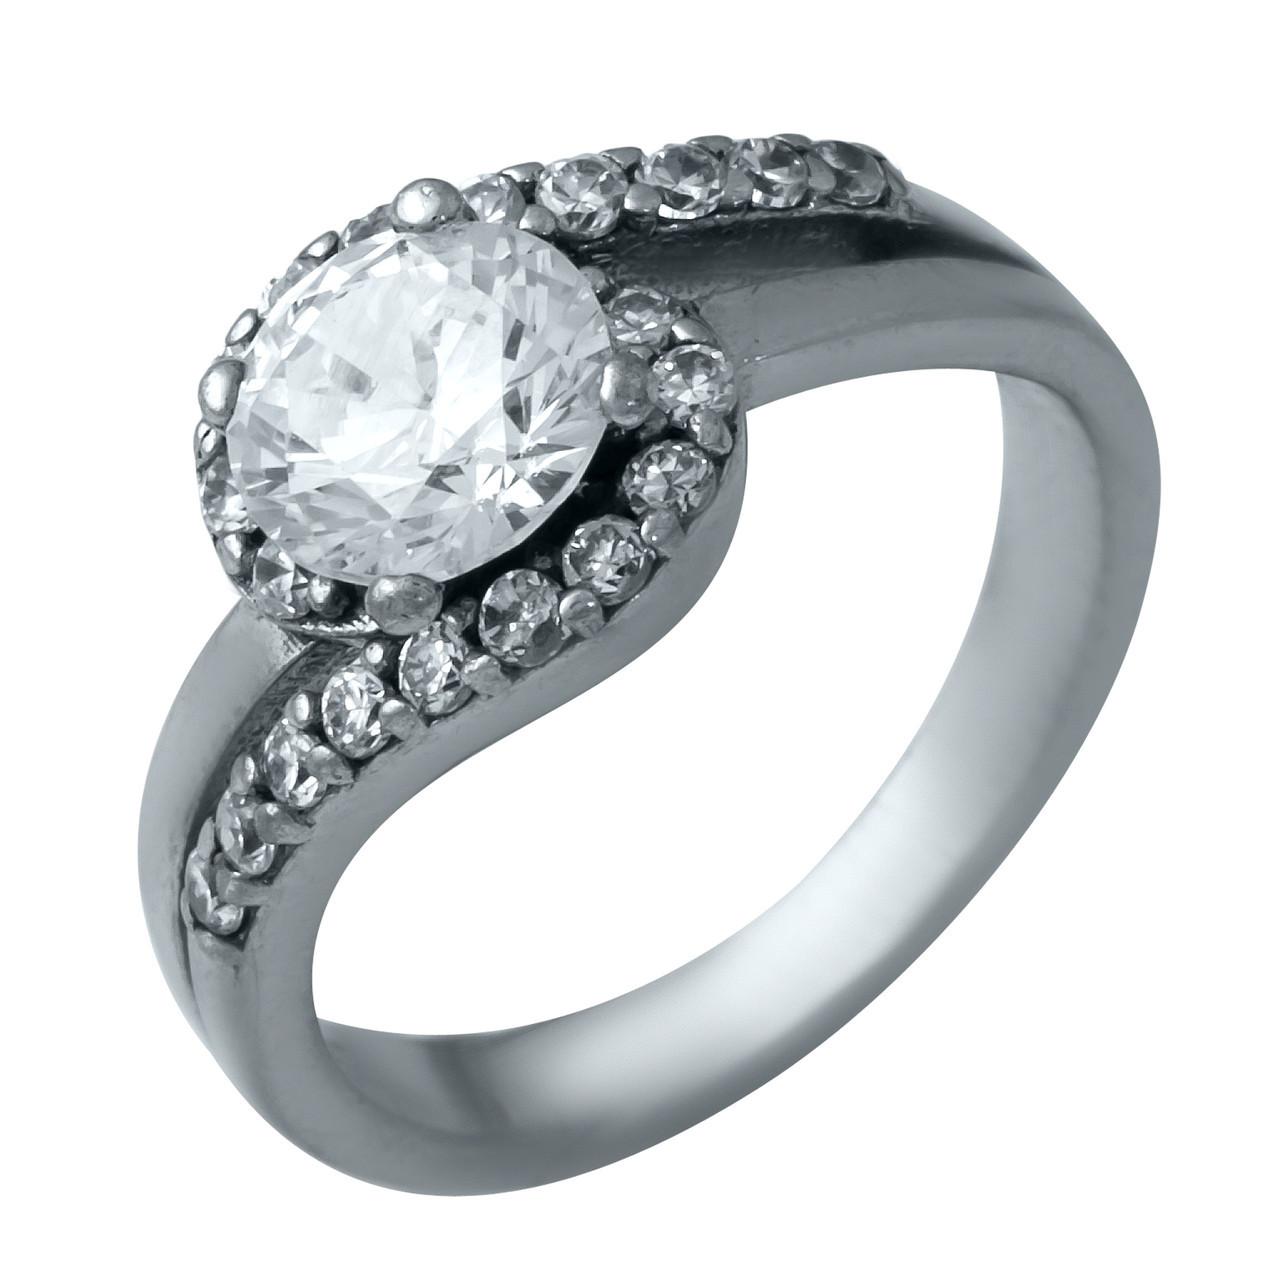 Родированное серебряное кольцо 925 пробы с фианитами